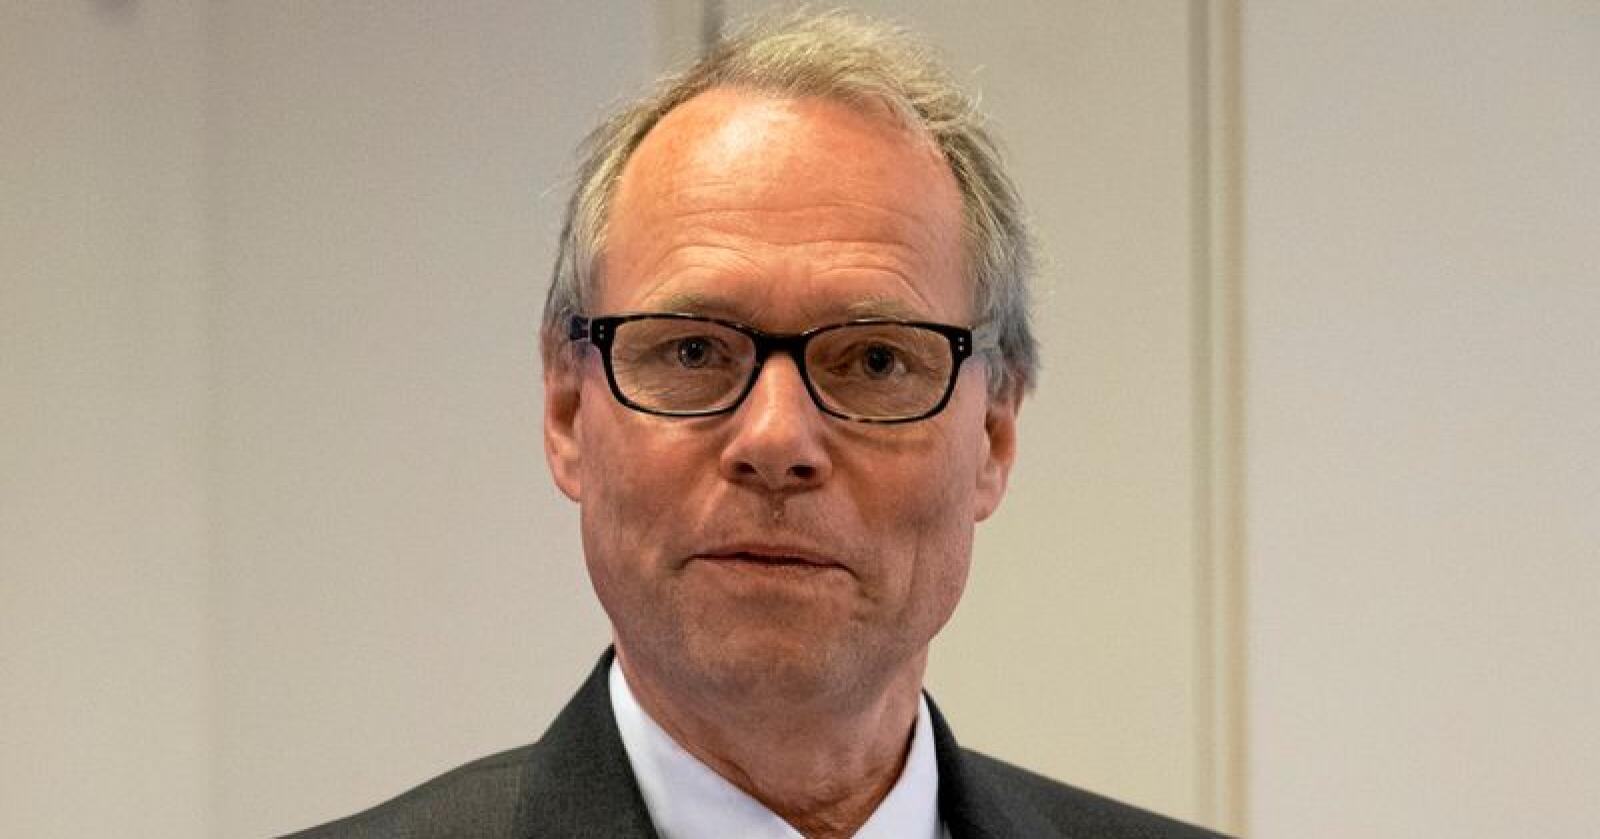 Jusprofessor Hans Petter Graver seier vurderingane av grunnloven i Acer-saken var svært politisert.Foto: Torstein Bøe / NTB scanpix